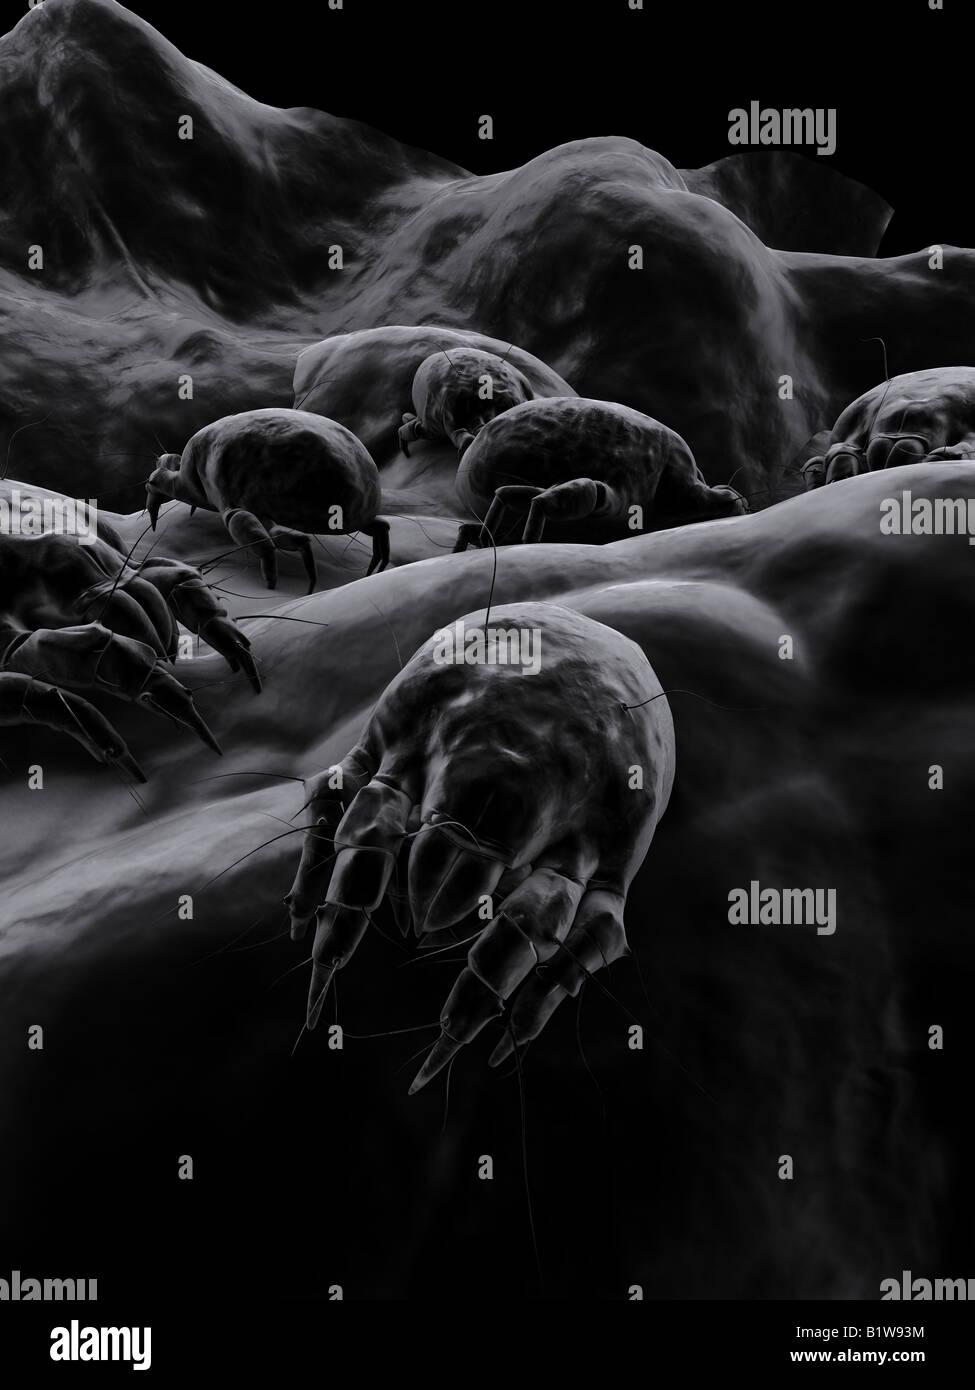 dust mites - Stock Image